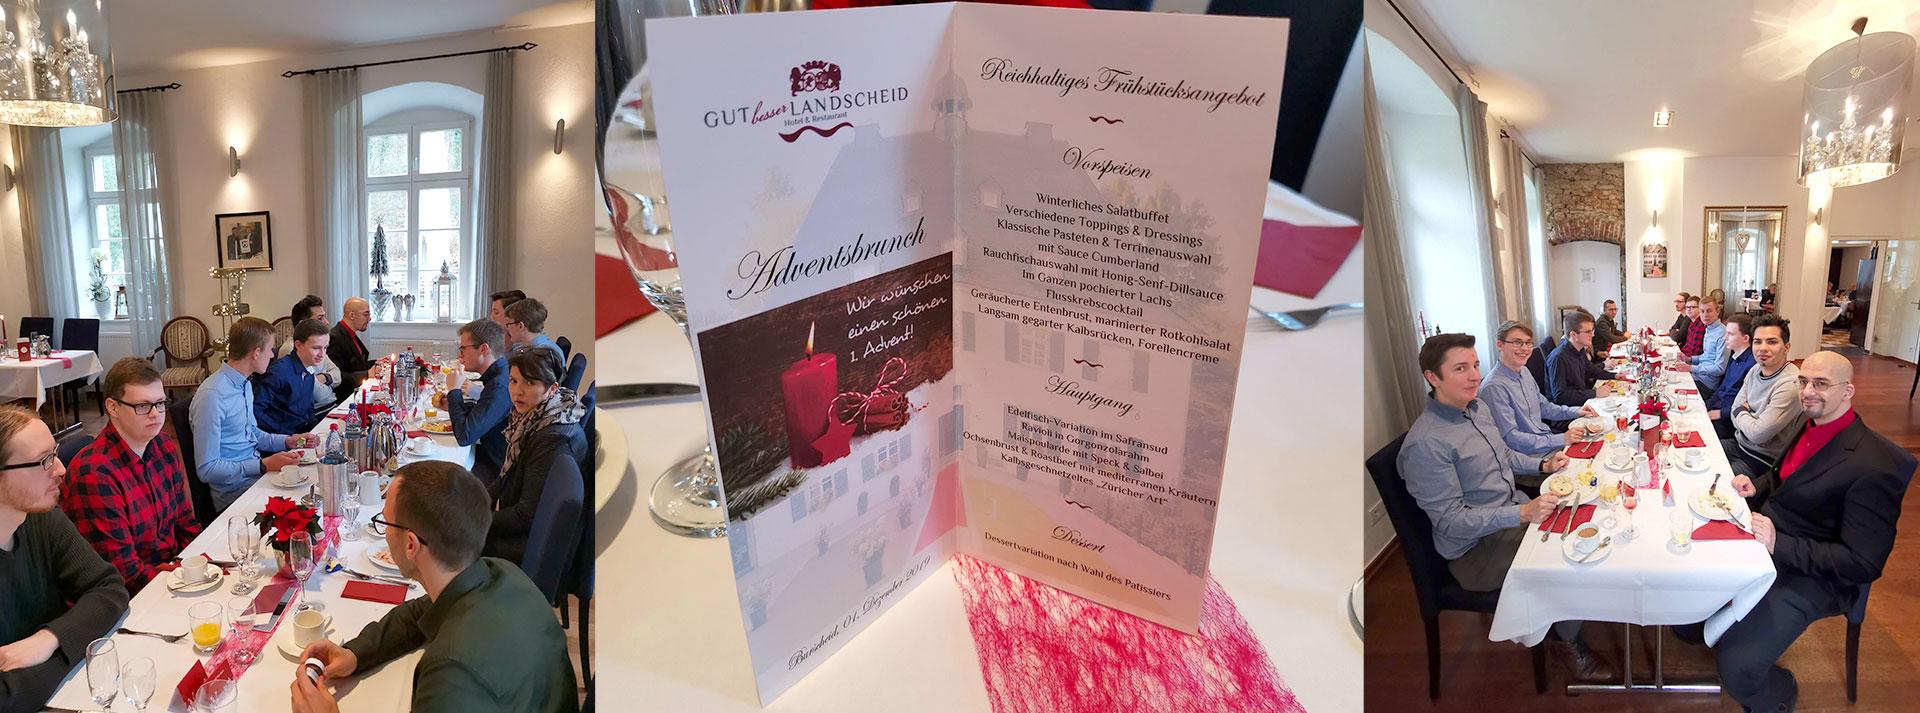 menten GmbH Weihnachtsfeier 2019